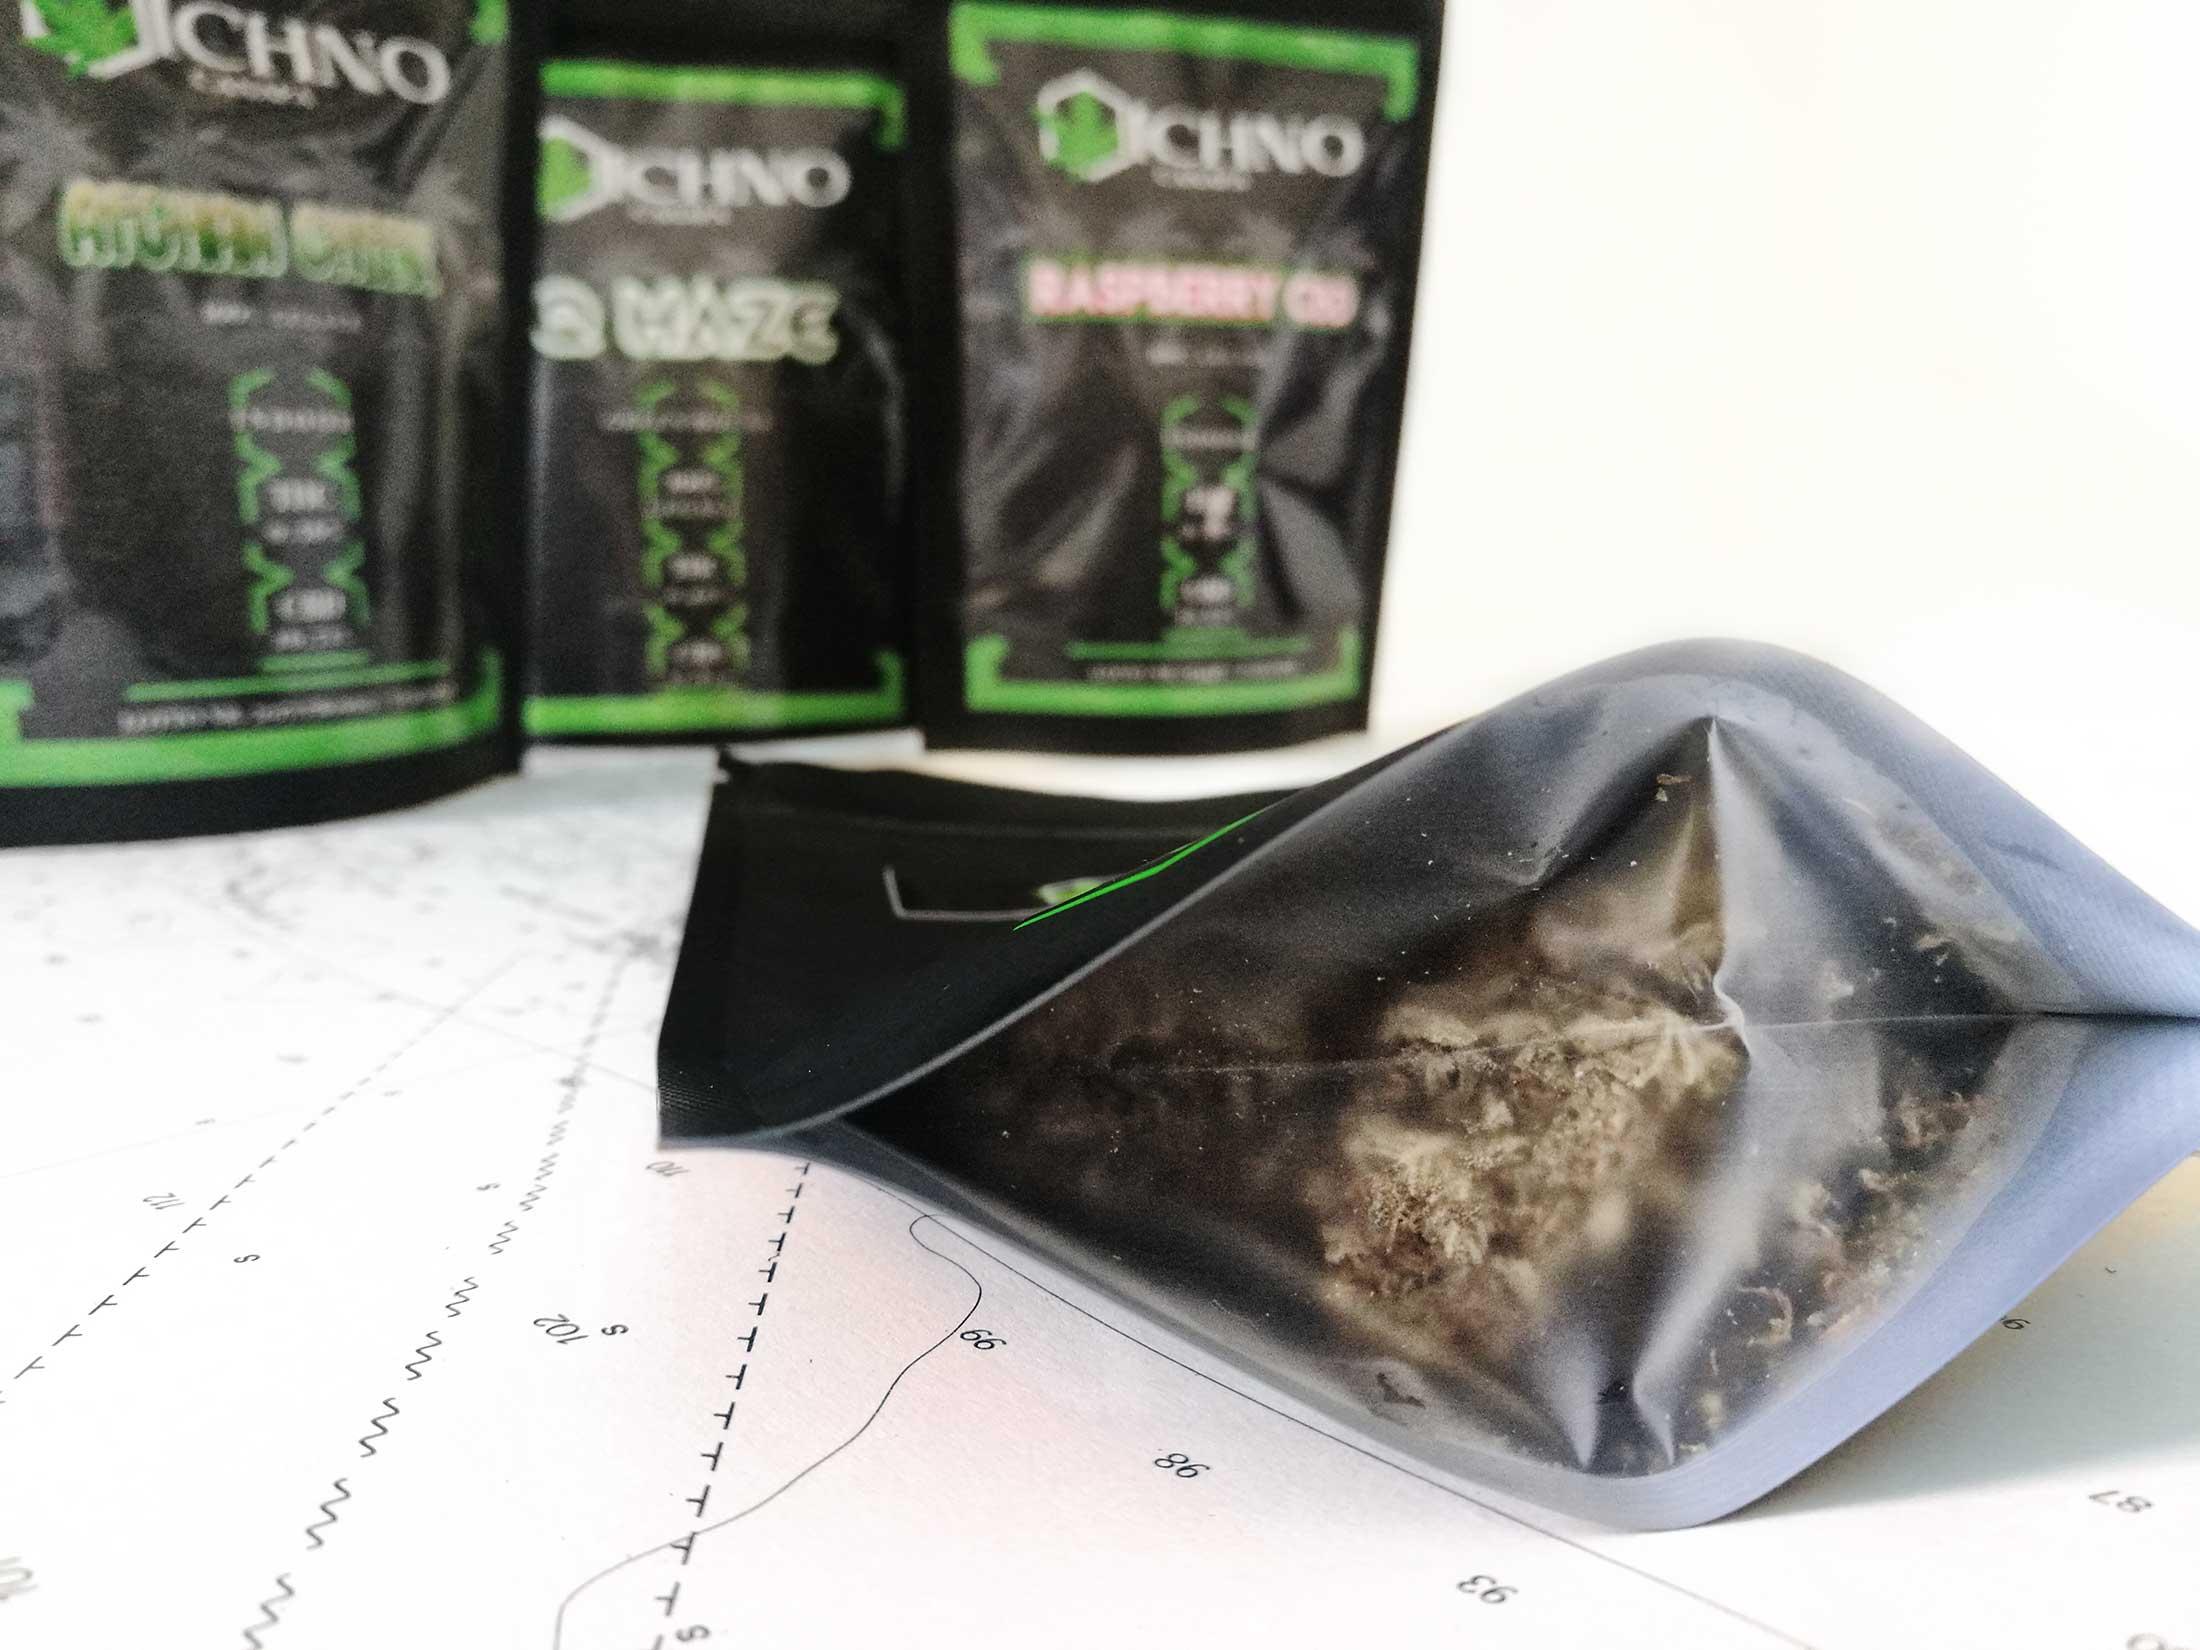 eshop-ichno-canapa-erba-legale-light-cannabis-thc-cdb-compra-acquista-negozio-confezione-shop-2200x1650